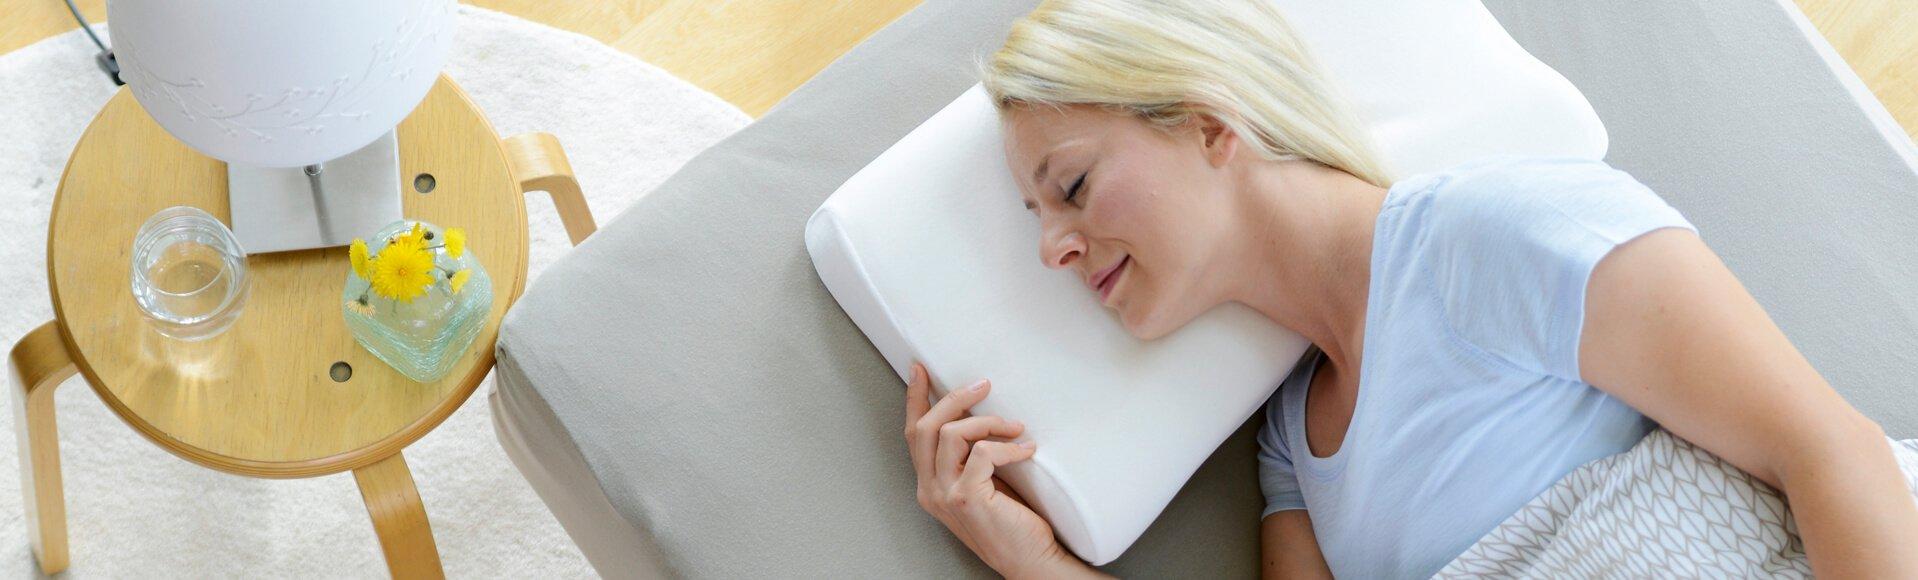 Schlafende Frau auf Nackenkissen